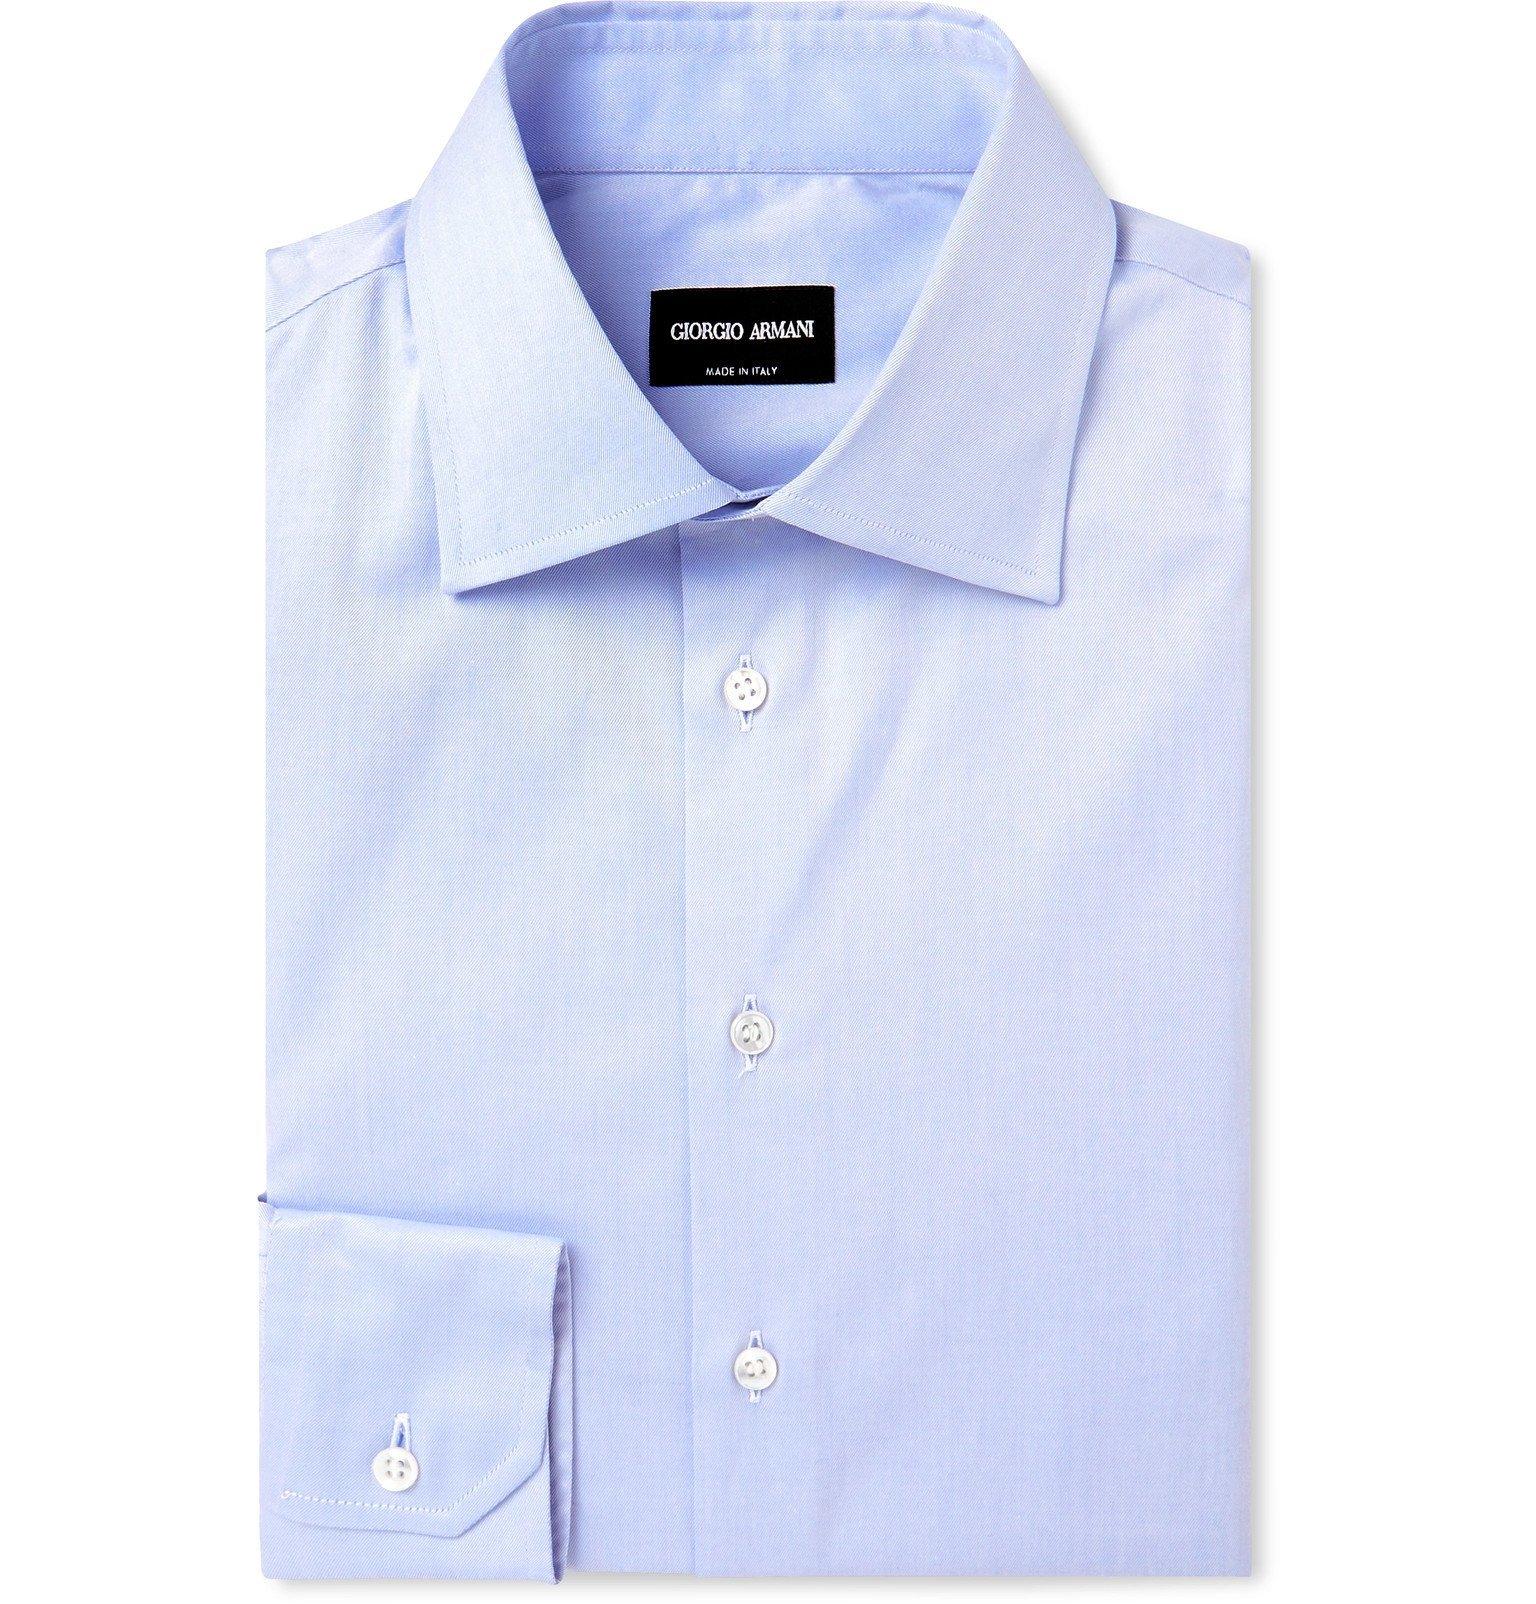 Giorgio Armani - Light-Blue Cotton Shirt - Blue